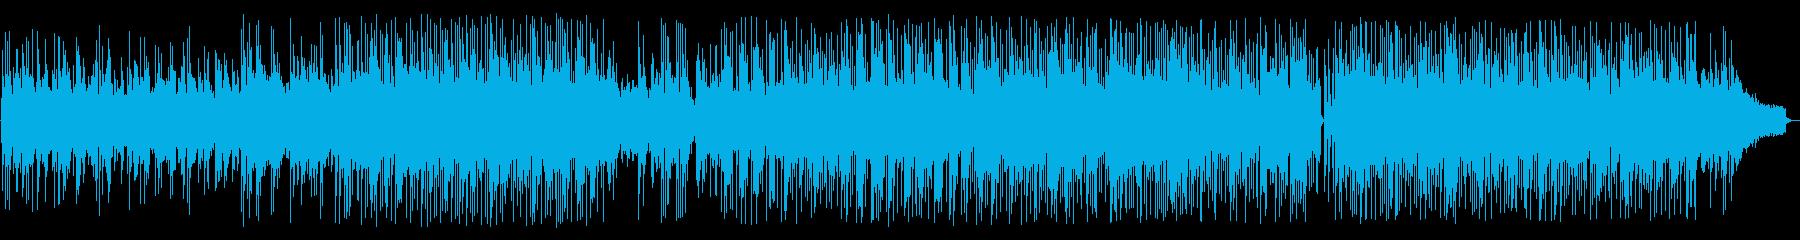 アコースティックギターのフュージョンの再生済みの波形